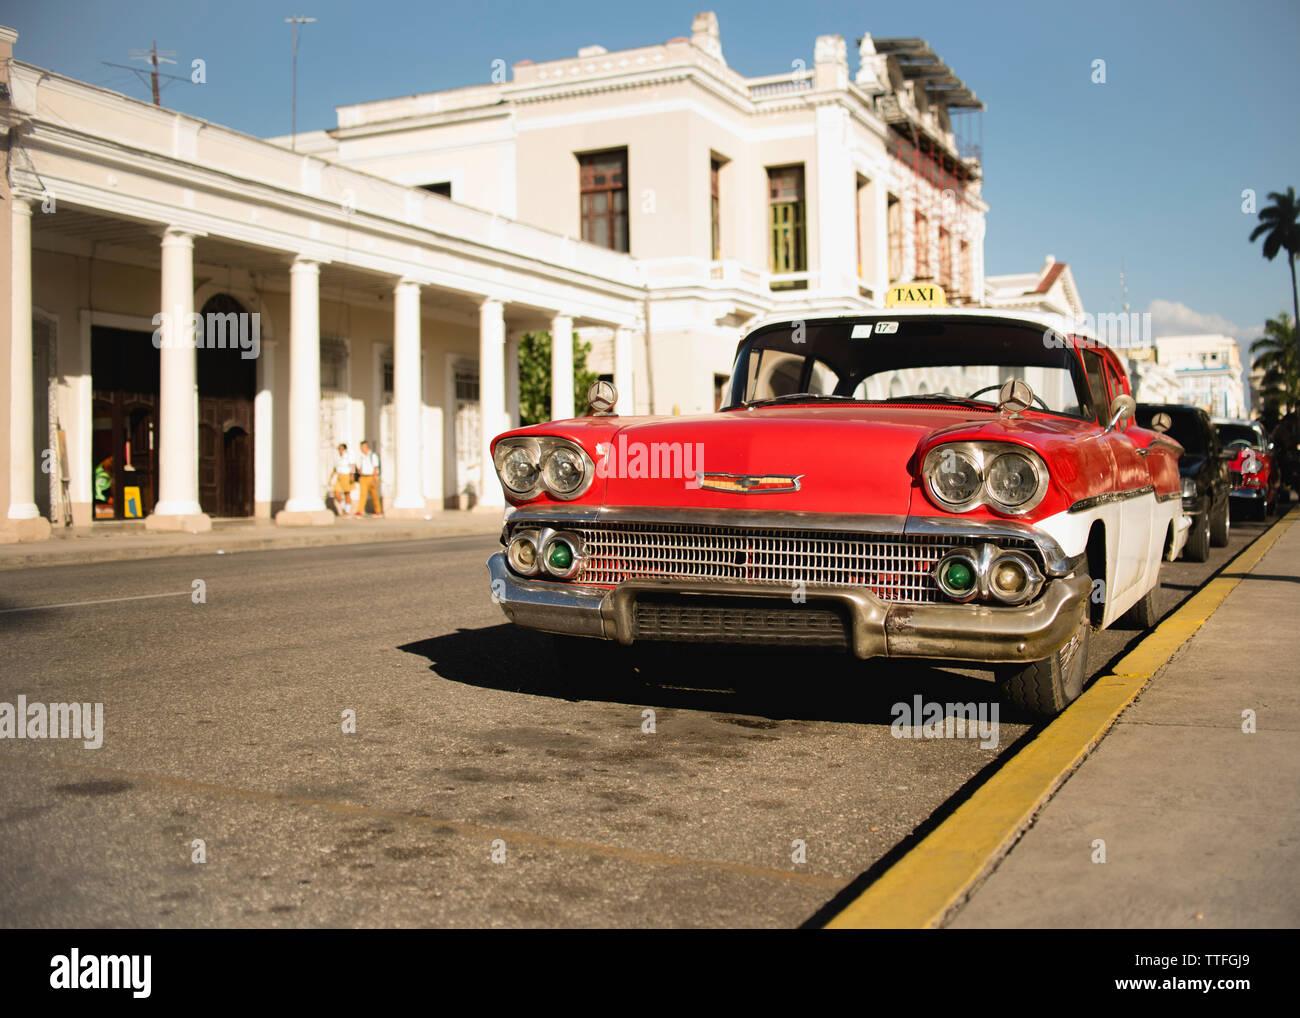 Voiture vintage rouge dans les rues de Trinidad, Cuba. Banque D'Images